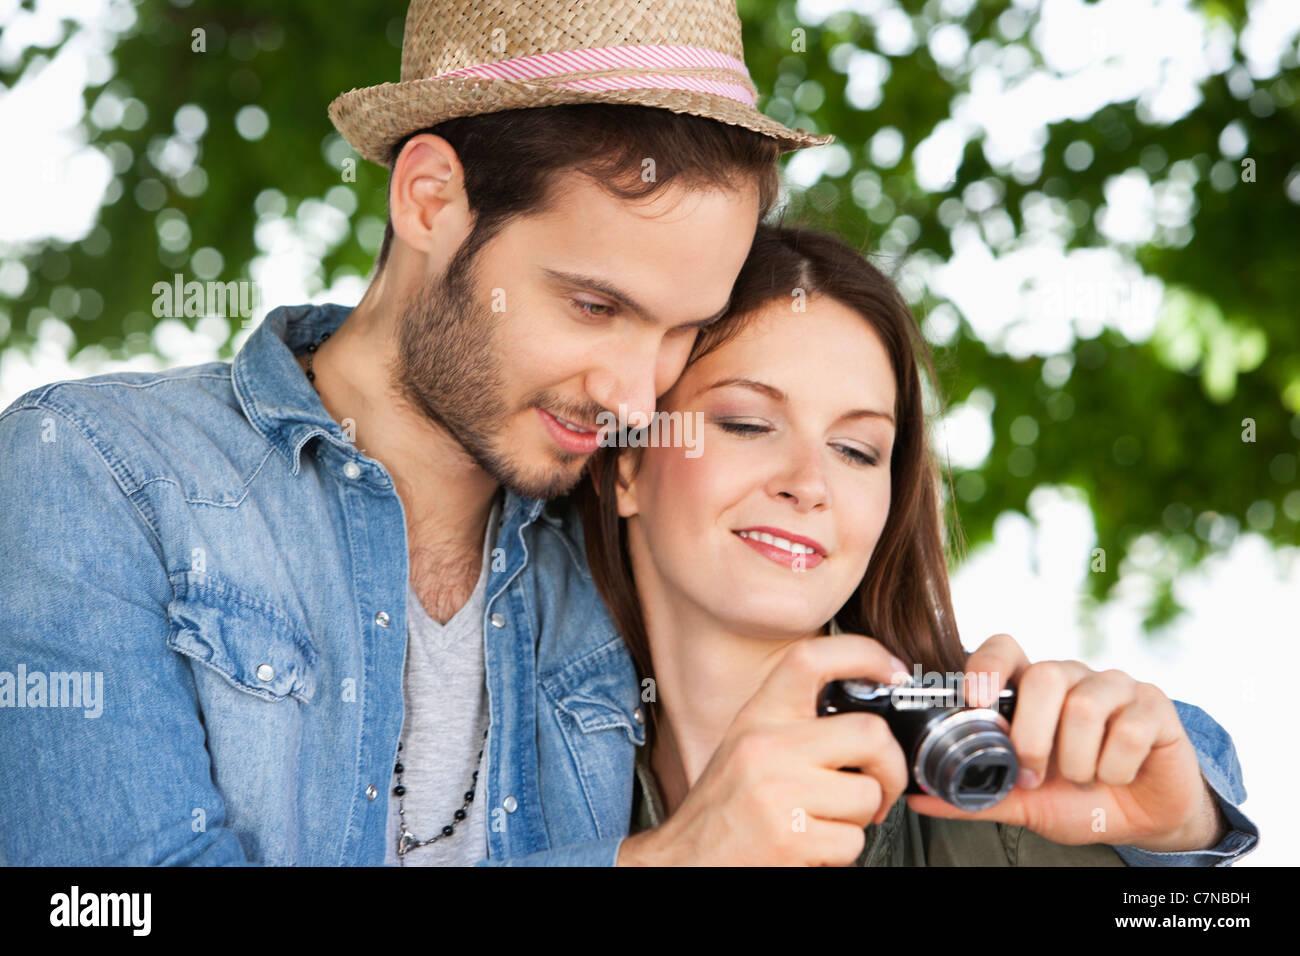 Paar beobachten Fotos in einer Digitalkamera, Paris, Ile de France, Frankreich Stockbild